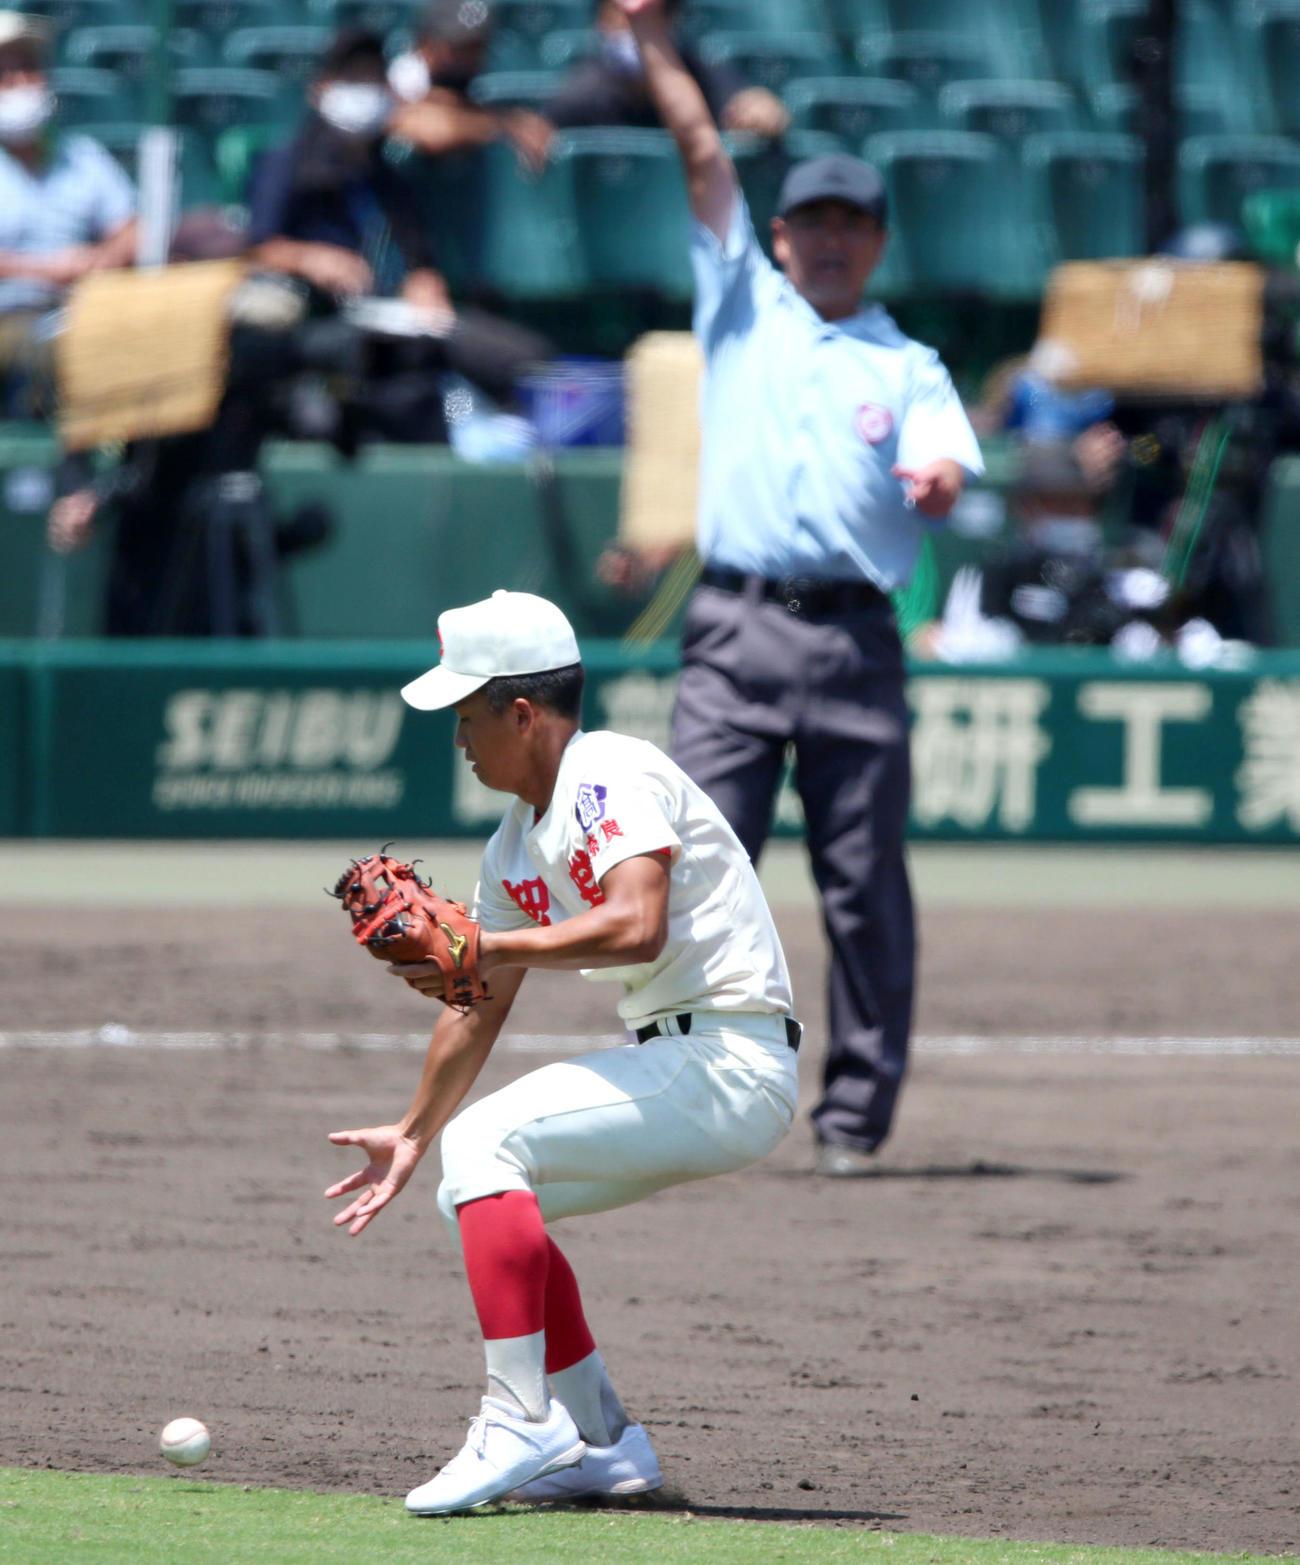 智弁学園対中京大中京 タイブレーク10回裏中京大中京無死満塁、西村の二飛を二塁手錦織は1度は捕球も、その後に落球しサヨナラとなる(撮影・上山淳一)